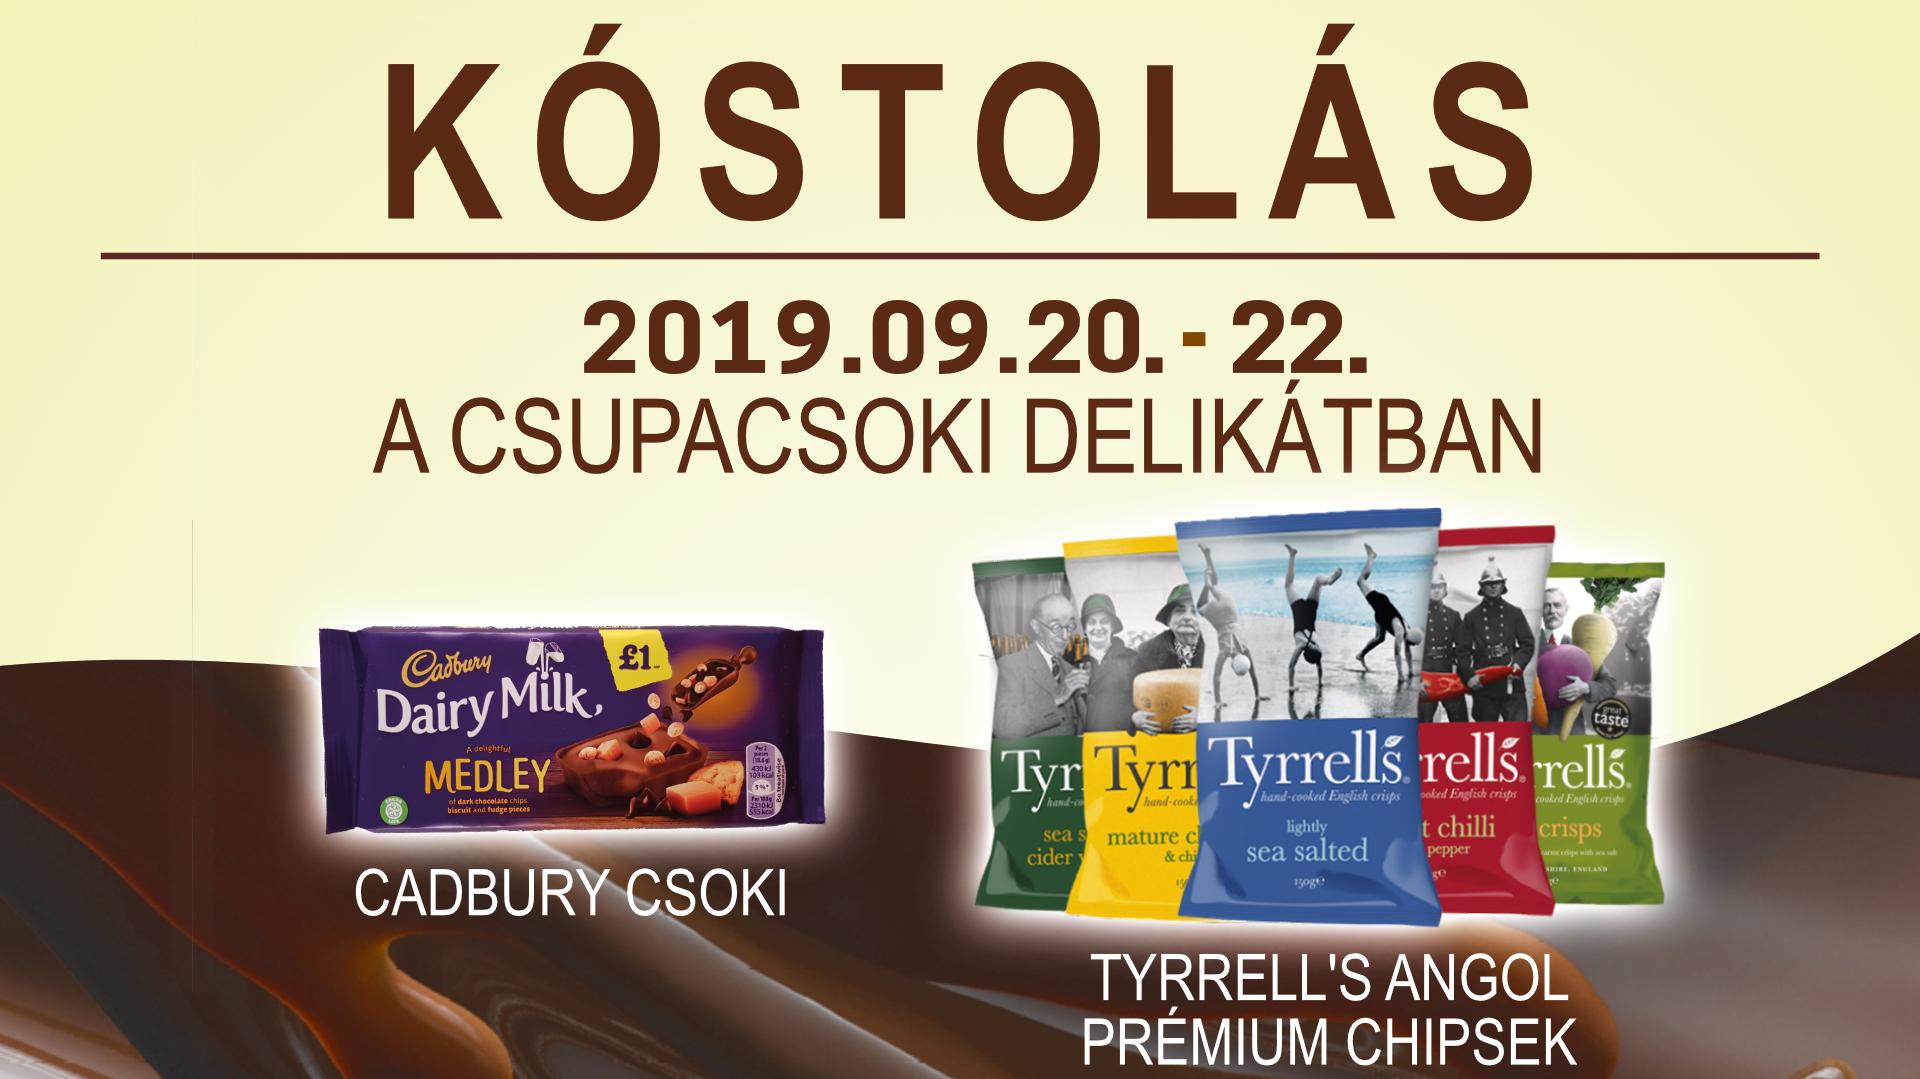 Ingyenes kóstolás a CsupaCsoki Delikátban 2019.09.20-22